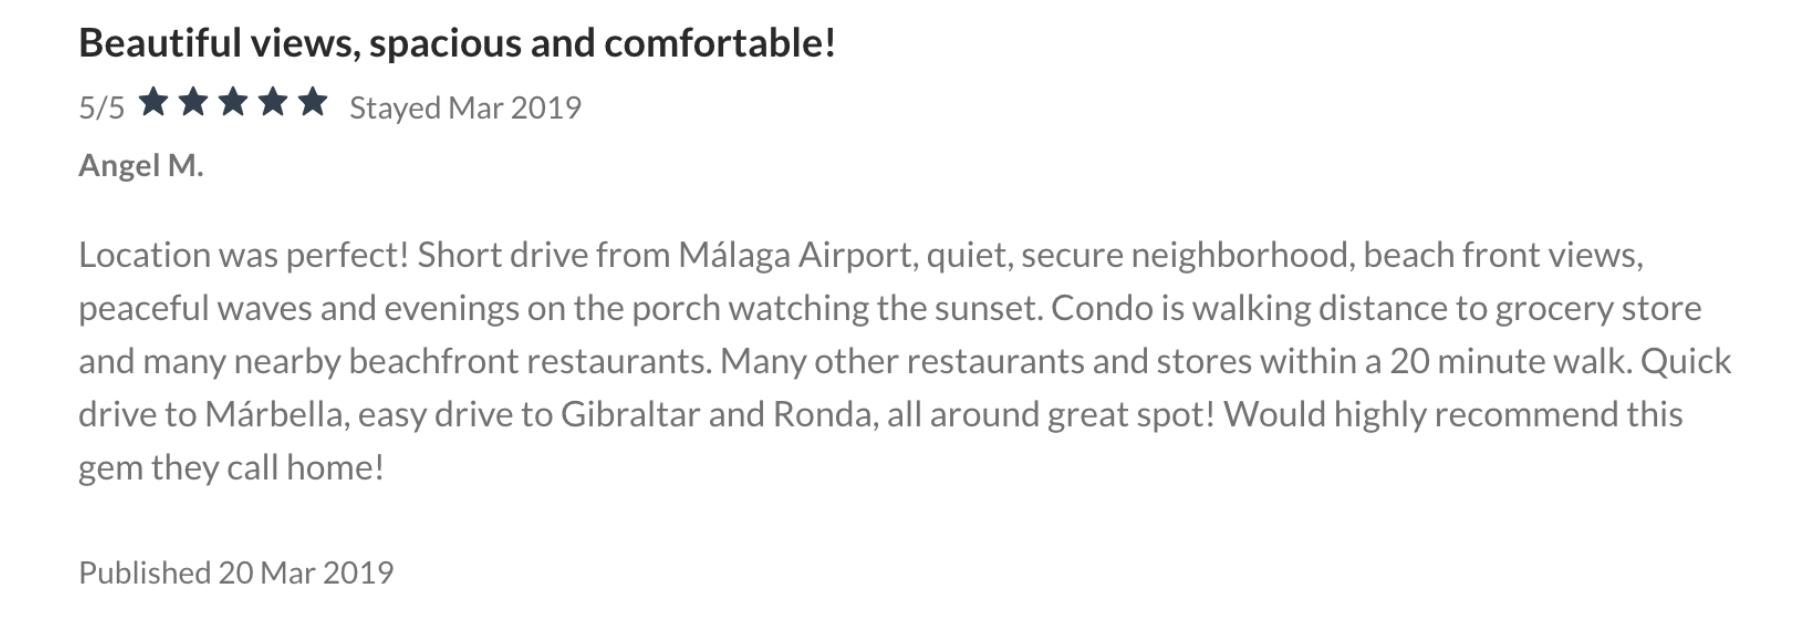 Apartamento turistico de playa marbella.35.22.png